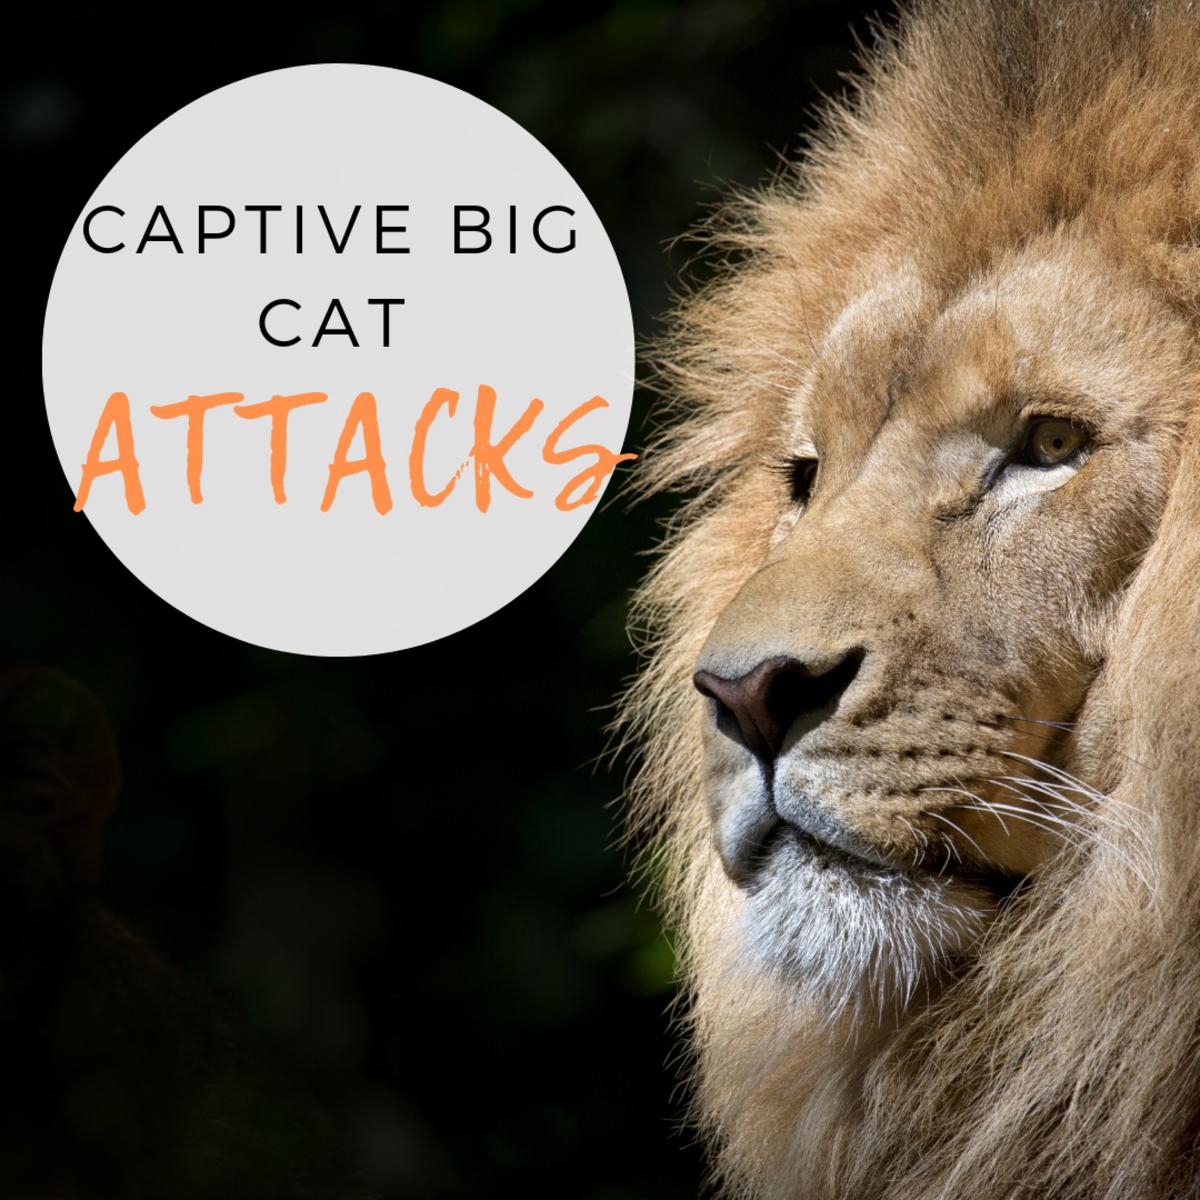 Captive Big Cat Maulings